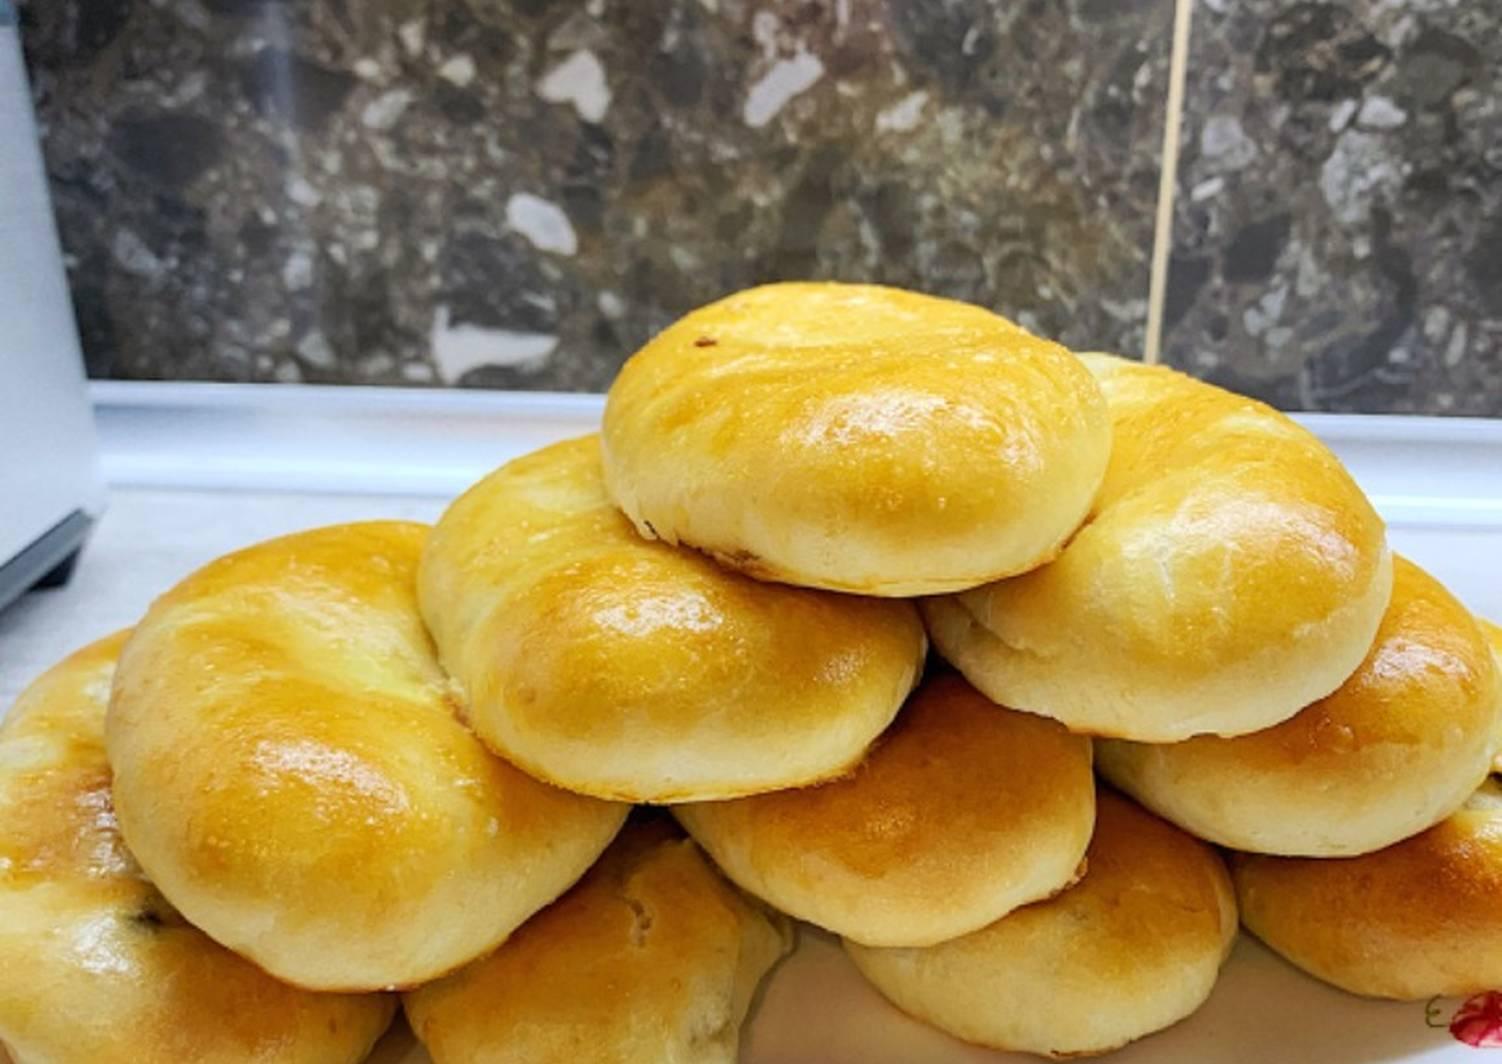 пирожки с картошкой фото как пончики рецепт славится как энергосберегающая